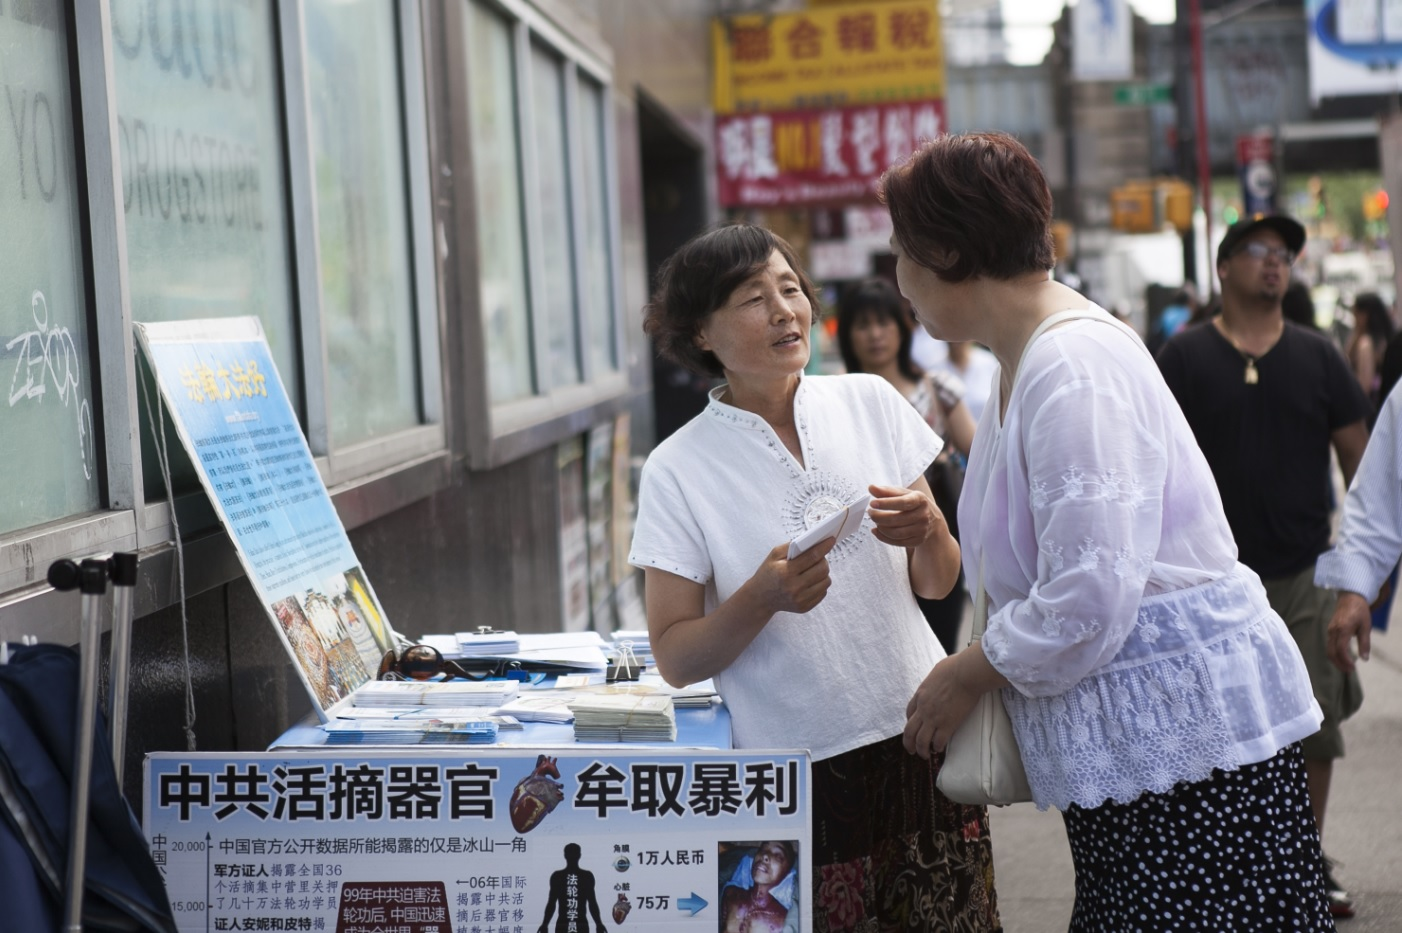 Qu'est-ce que le mouvement Tuidang?